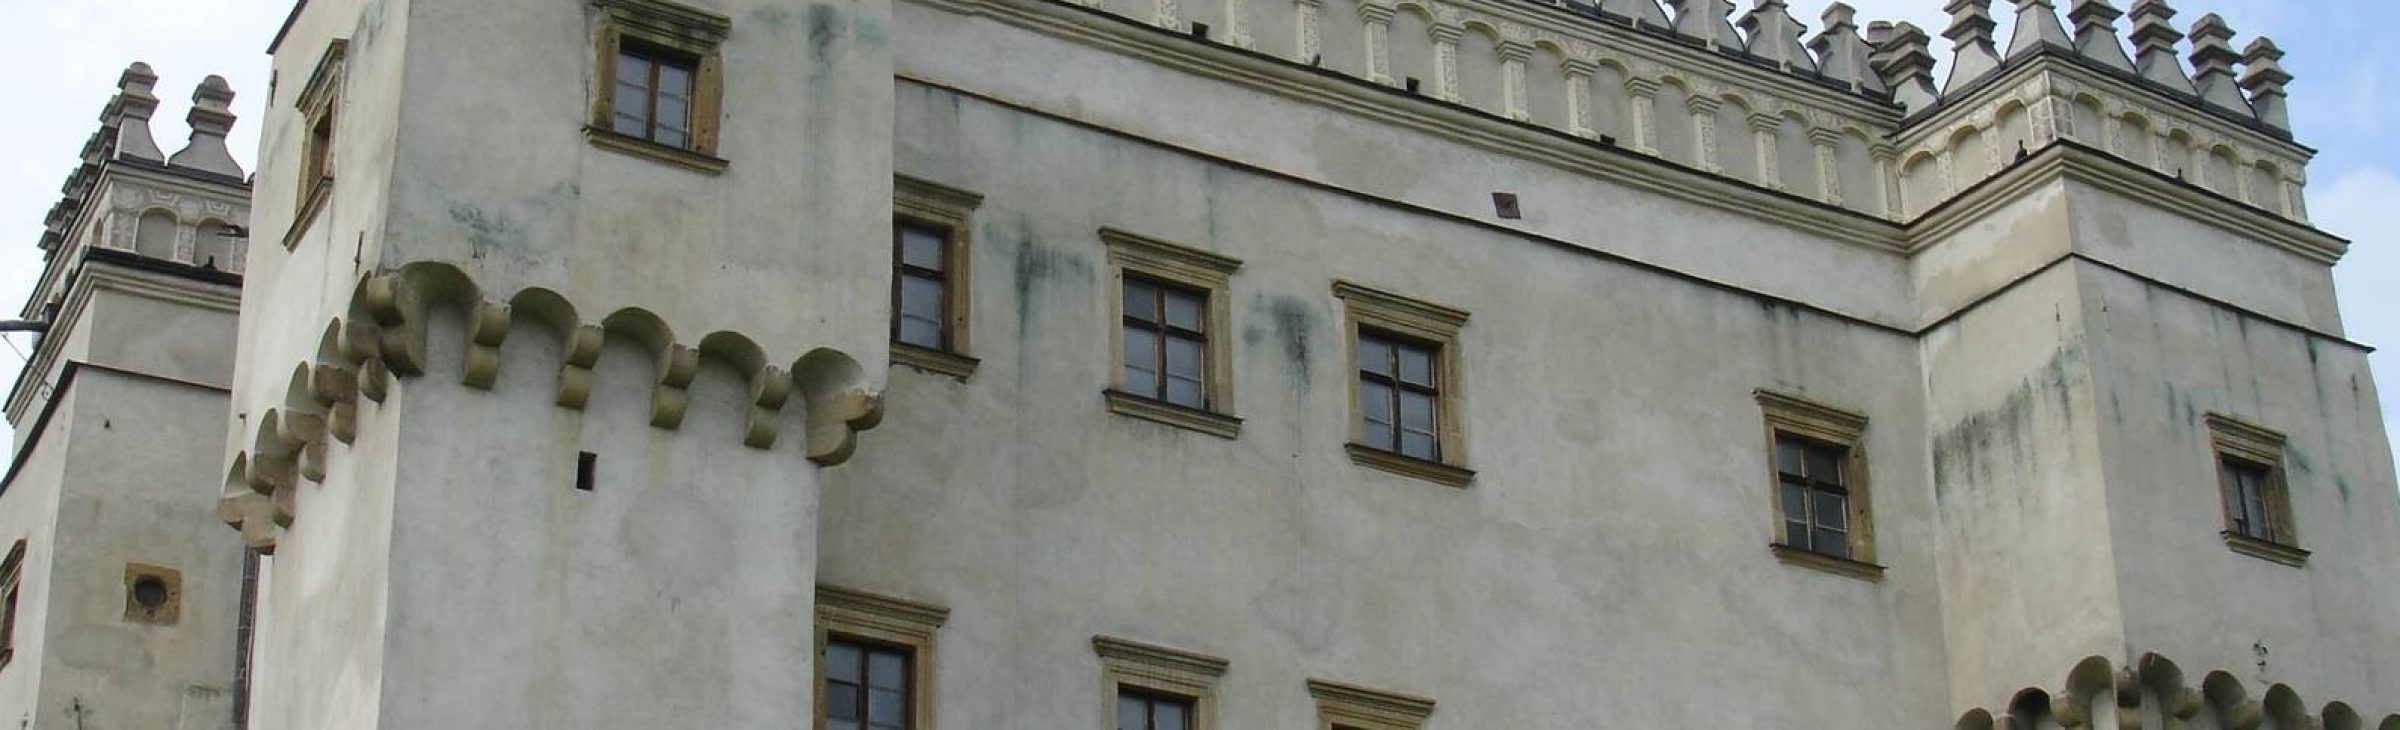 zsSzymbark.pl - Szymbark Małopolska